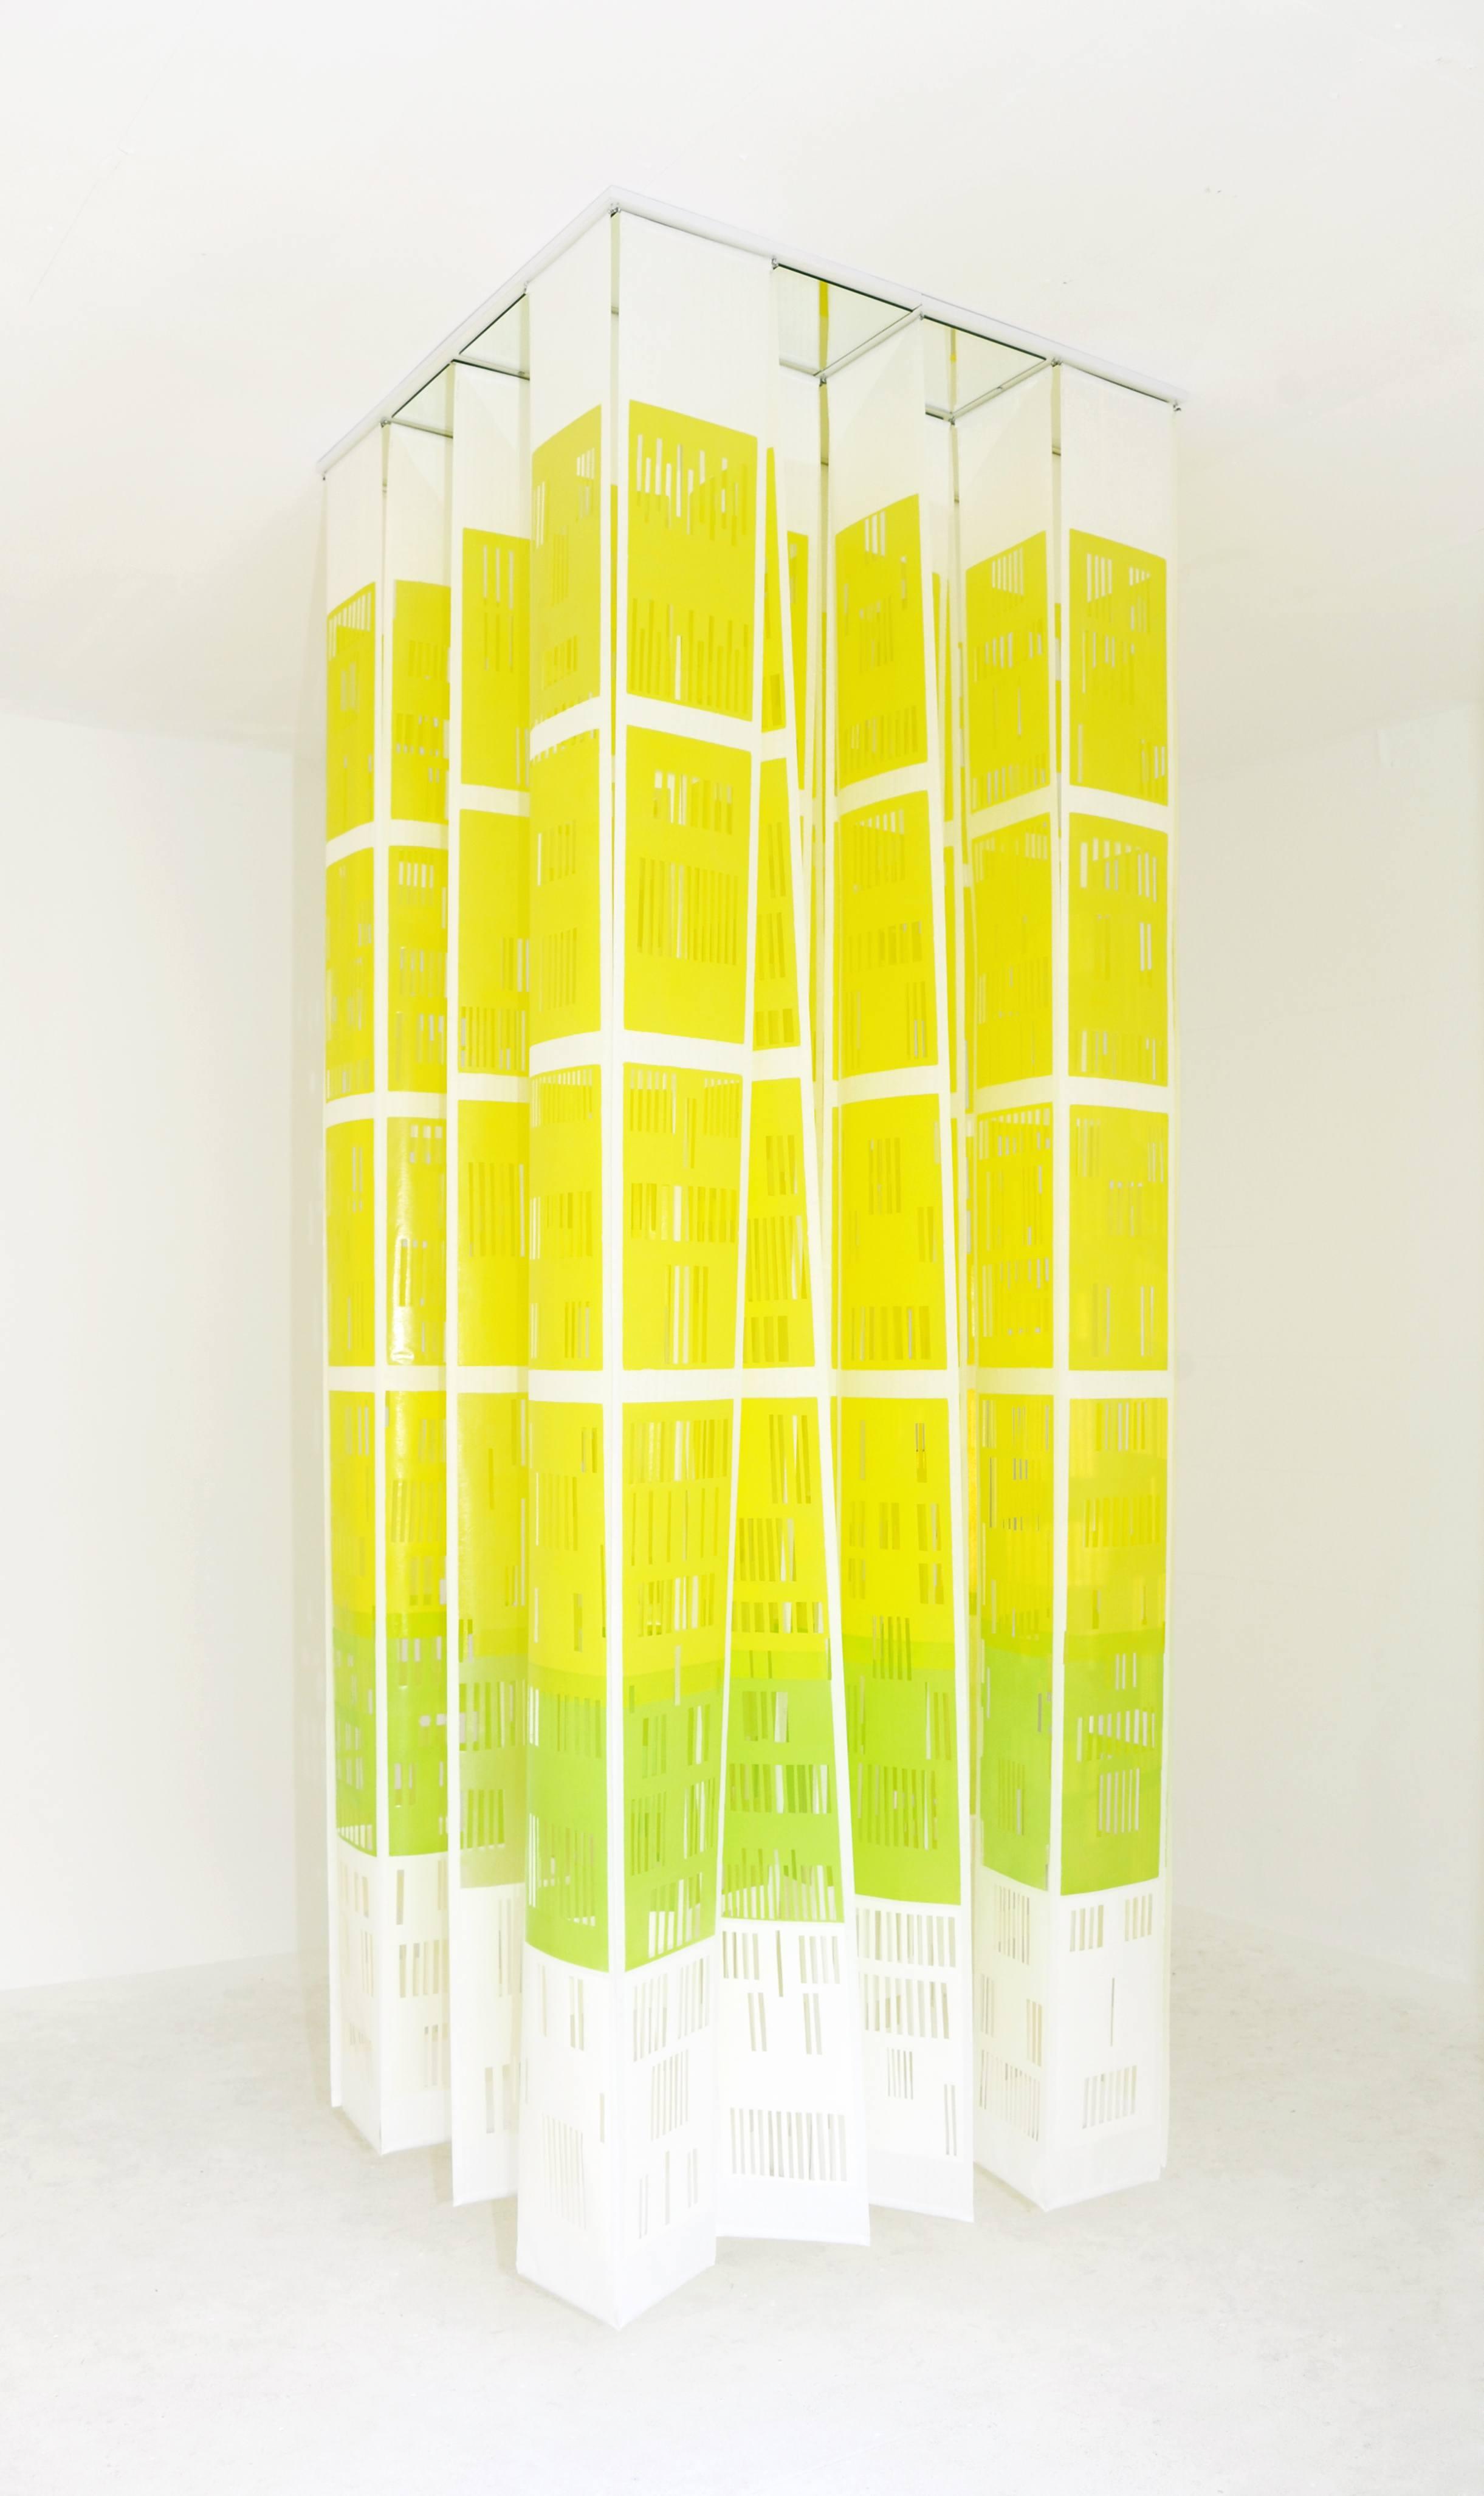 Hochdruckinstallation, 24 Bahnen Wenzhou Papier zu je 3 m Höhe, mit je 6 Flächendrucken 40cm x 20 cm, Skalpellzeichnung, unter Spiegelkassettendecke, 2014 (hier: im cube 4x4x4, märz galerie Mannheim)